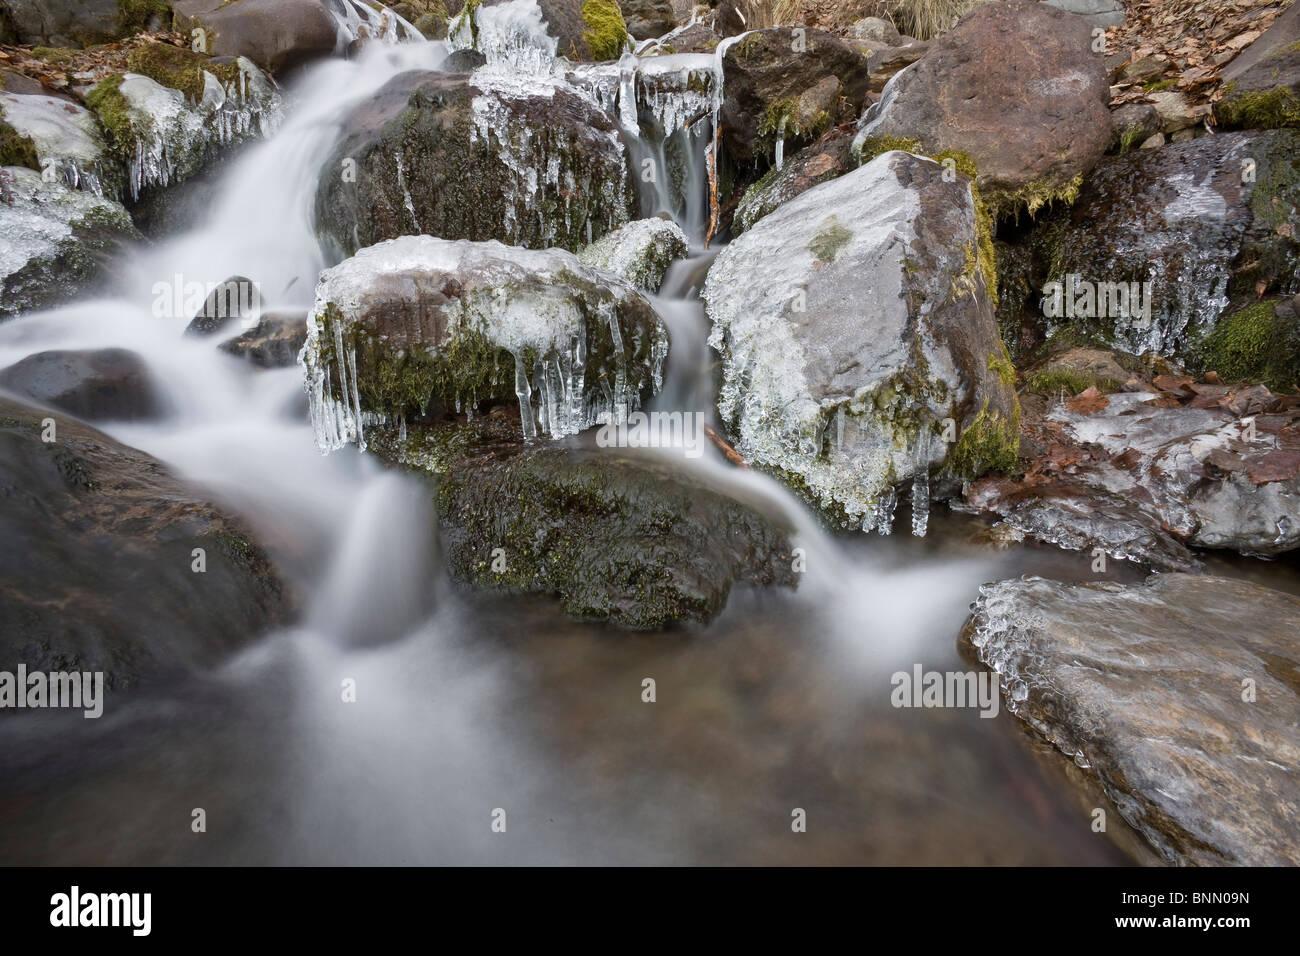 Eiszapfen hängen von Moos bedeckt Felsen Falls Creek in Alaska im Winter Stockbild